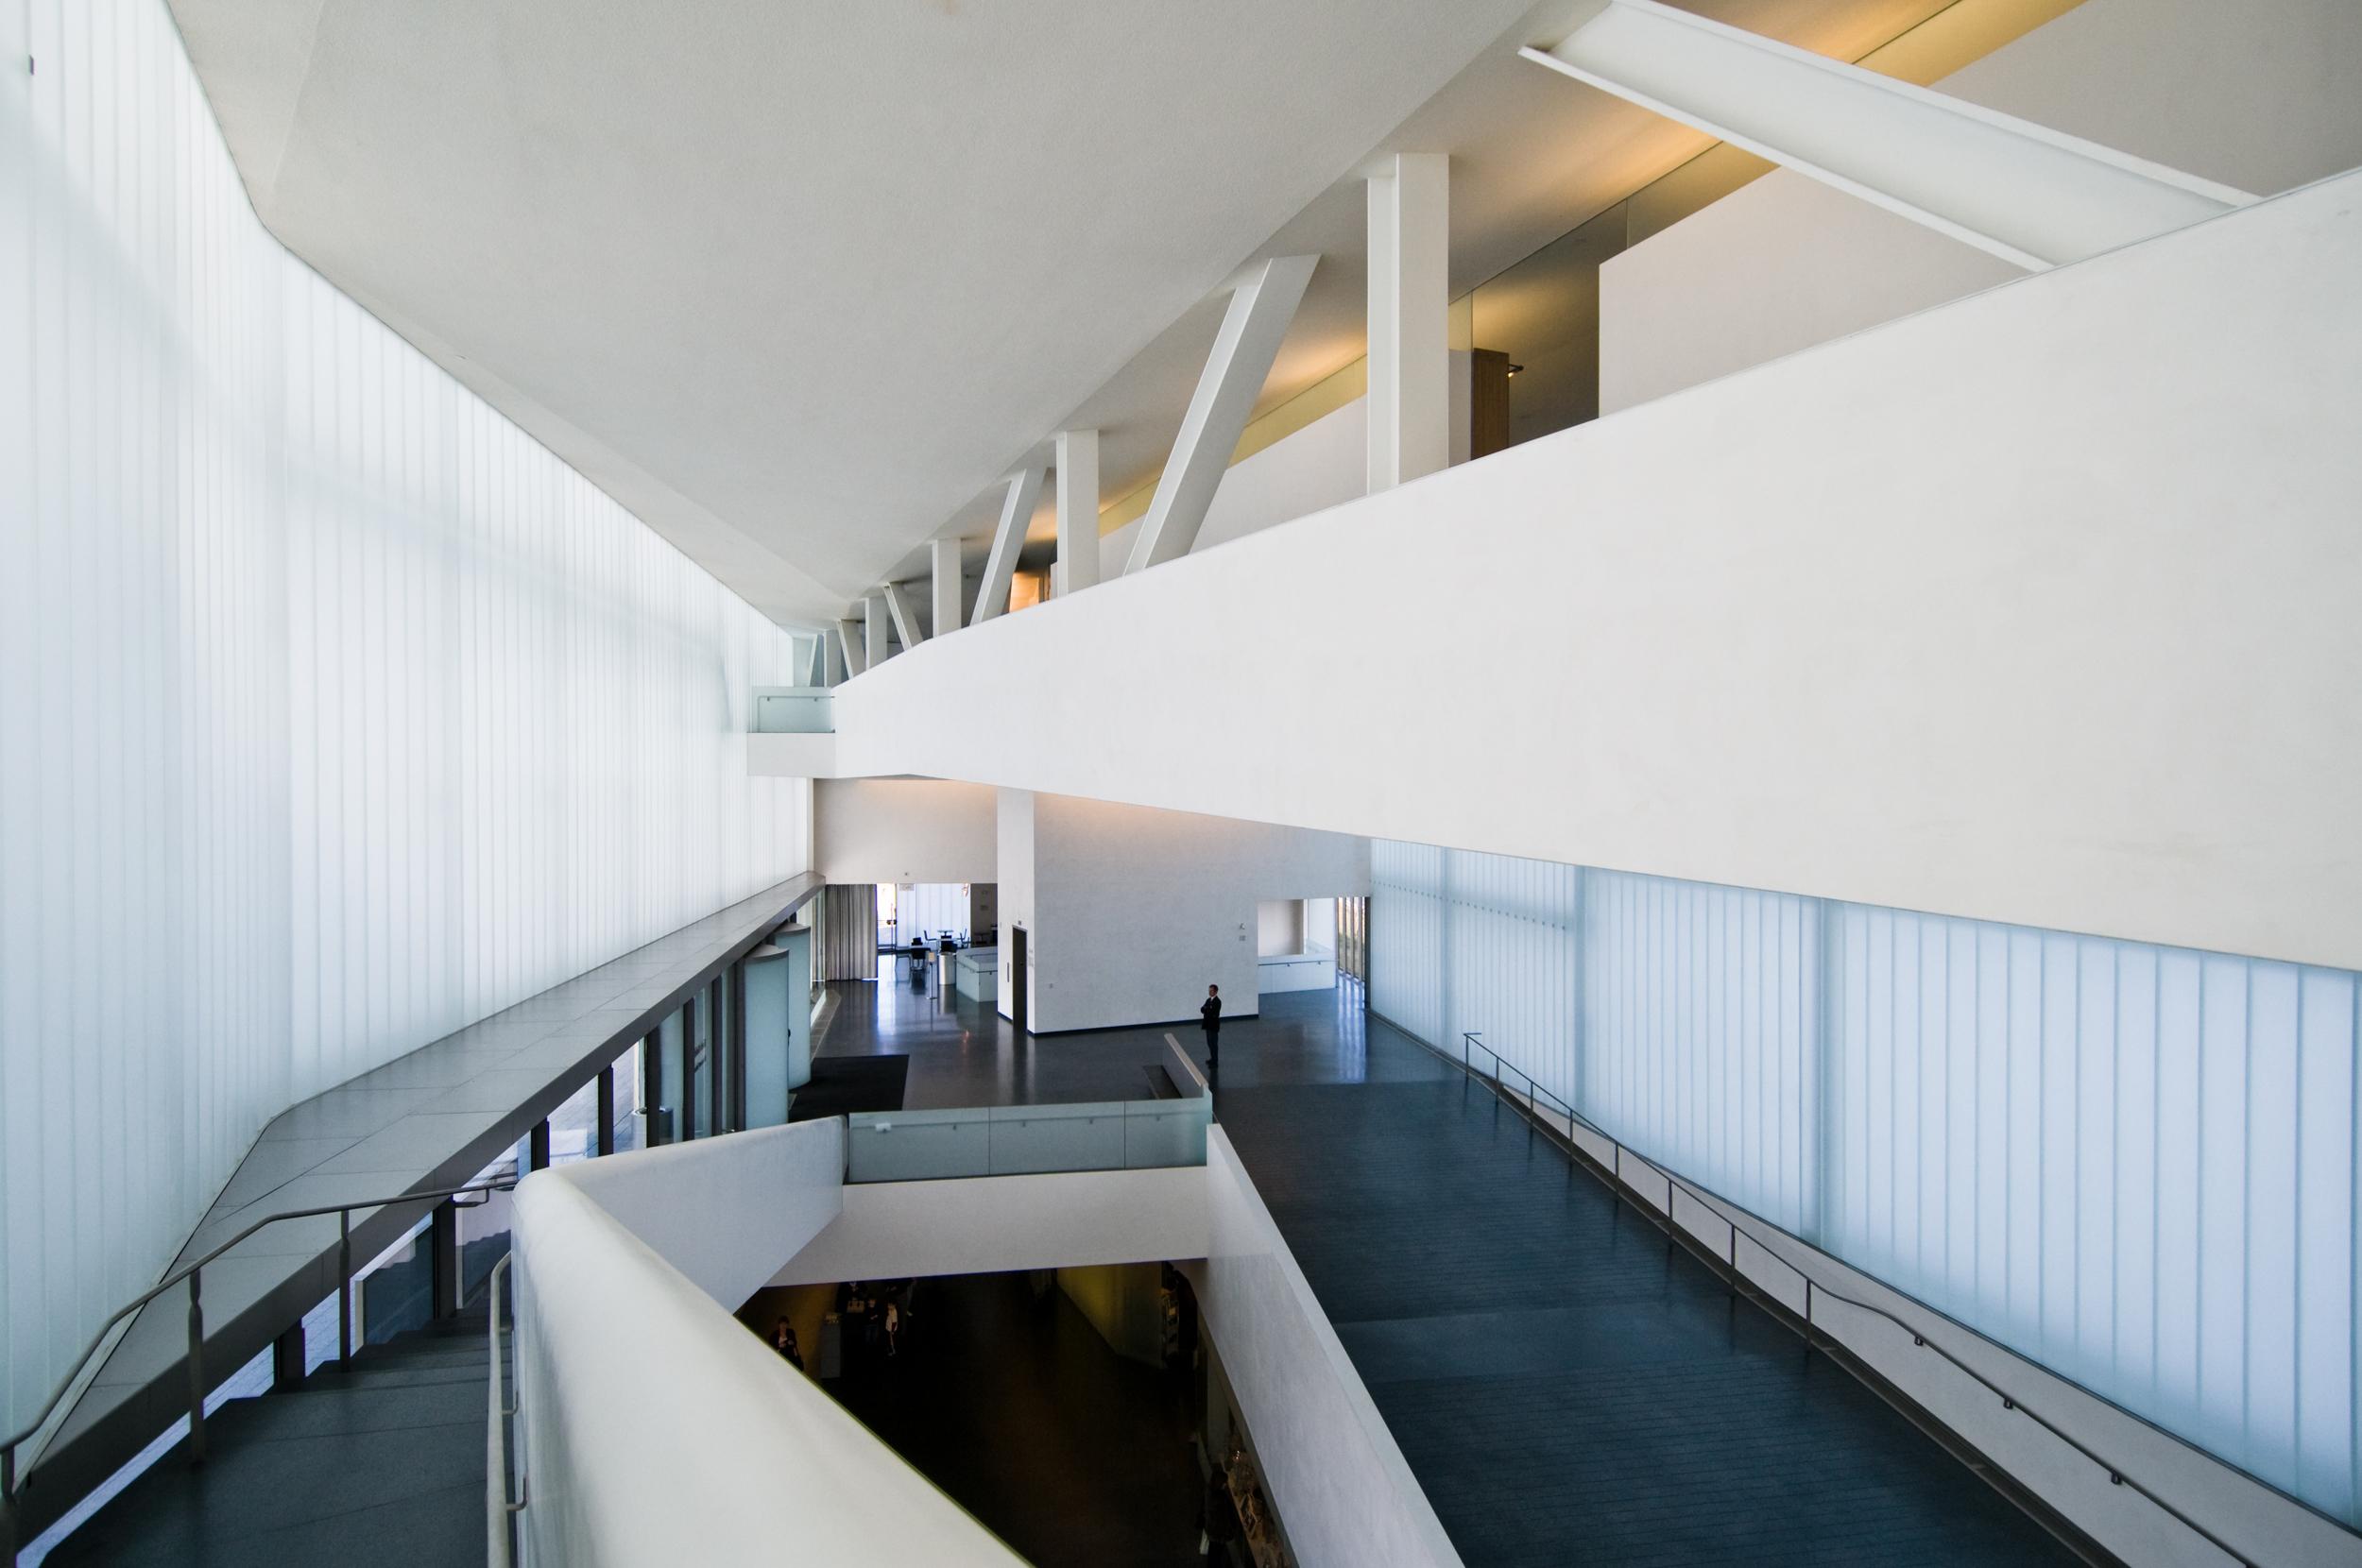 architecture-24.jpg